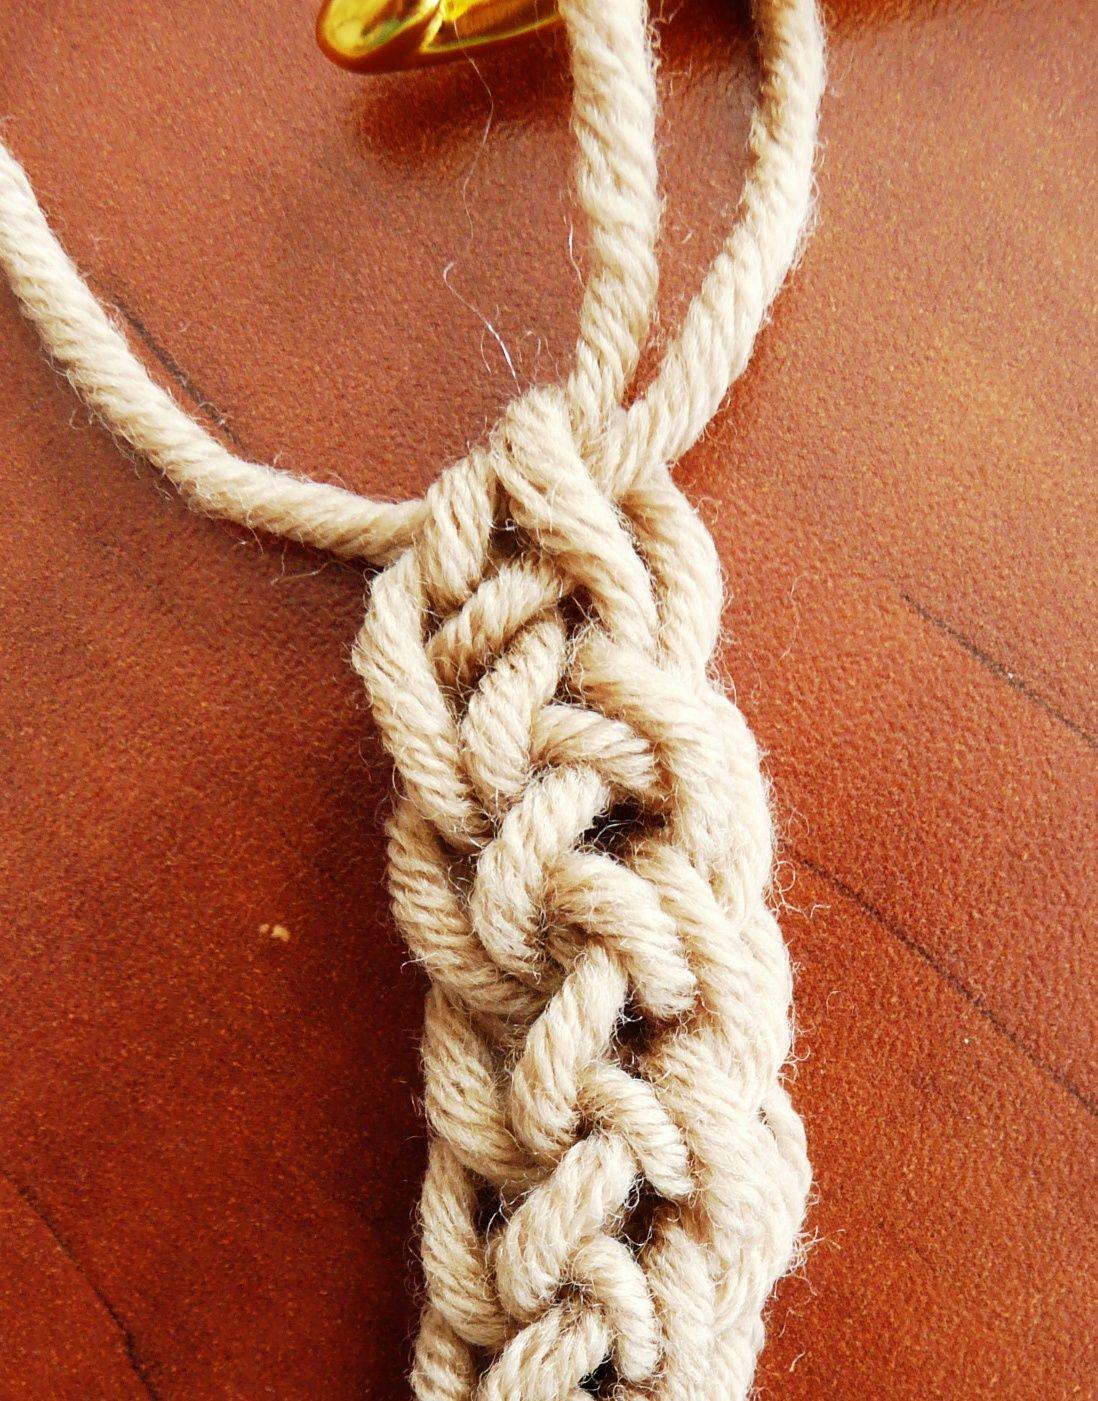 Foundation Single Crochet Fsc Tutorial Gives A Stretchy